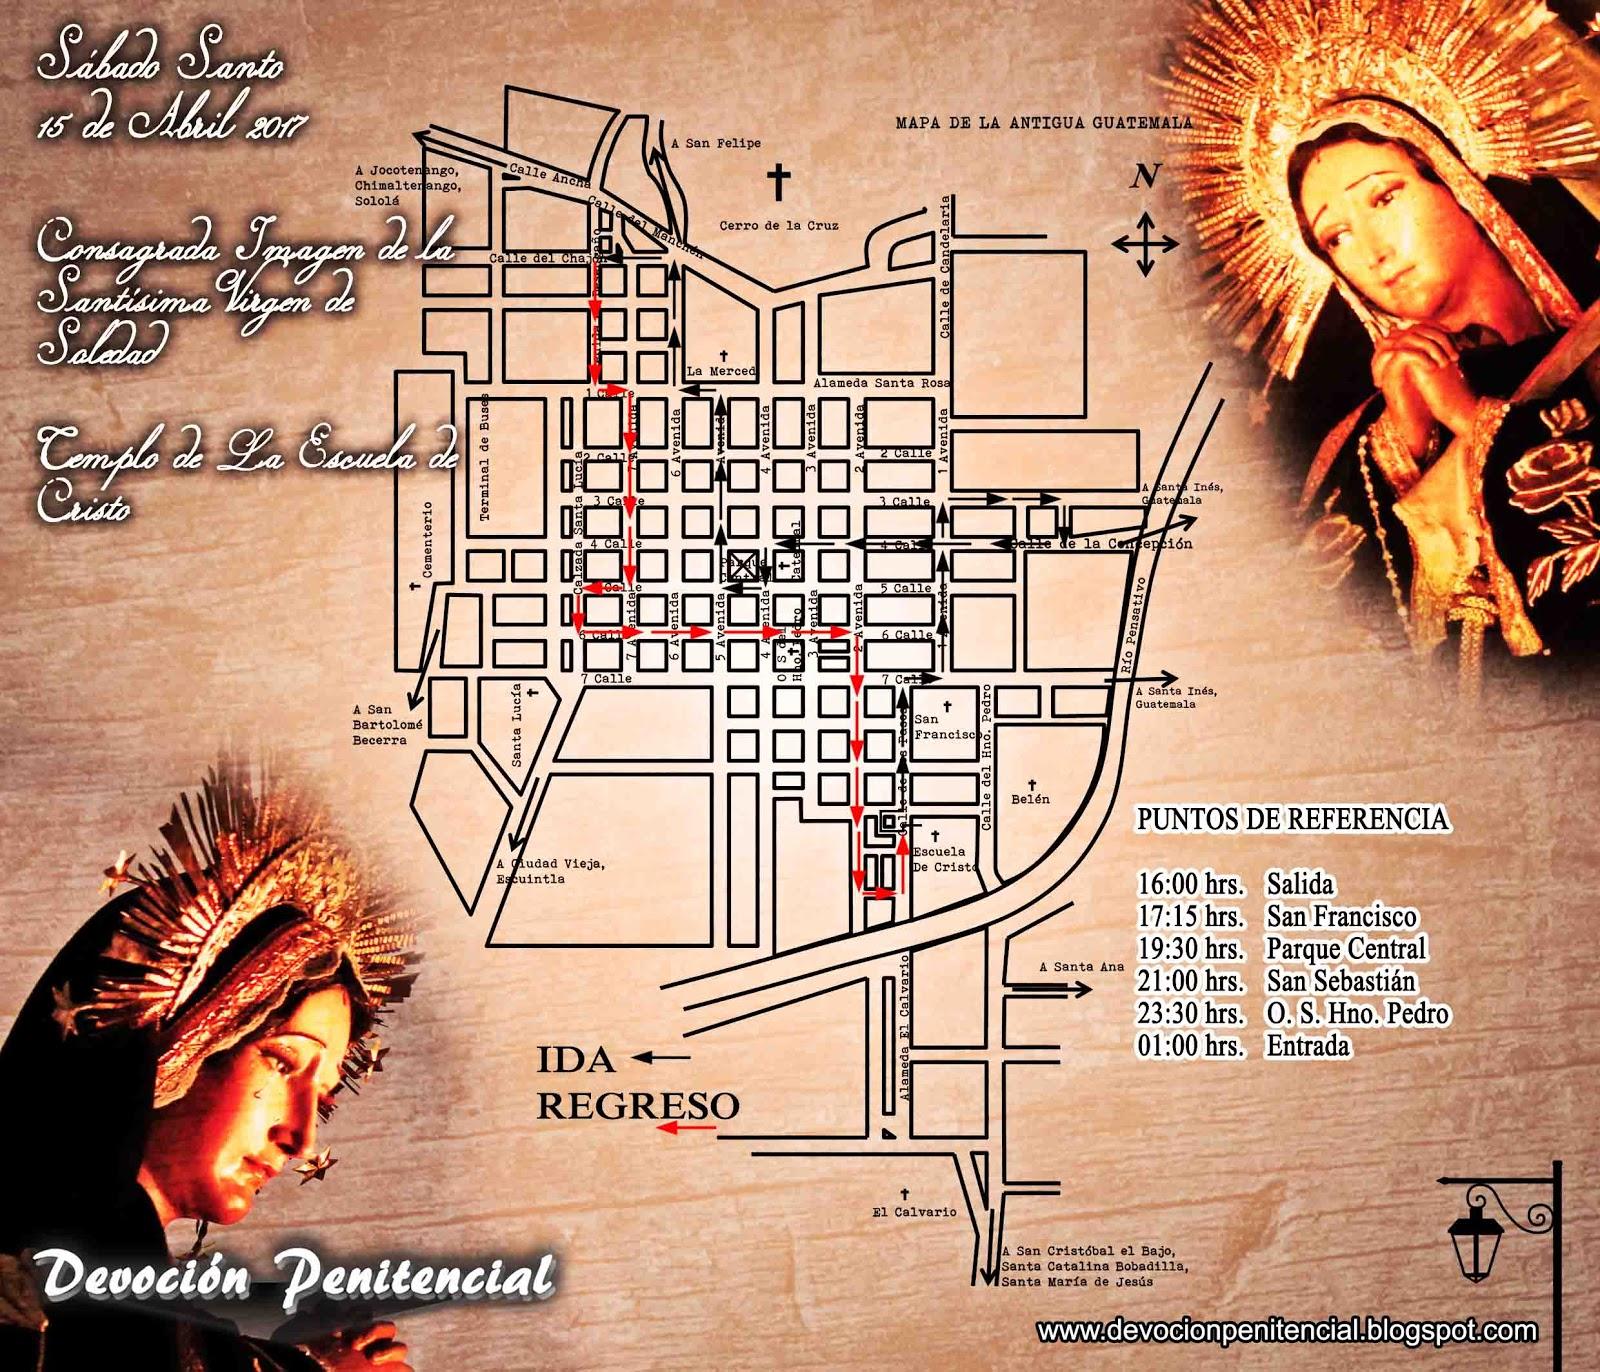 Consagrada Imagen de la Santísima Virgen de Soledad, Templo de la Escuela de Cristo